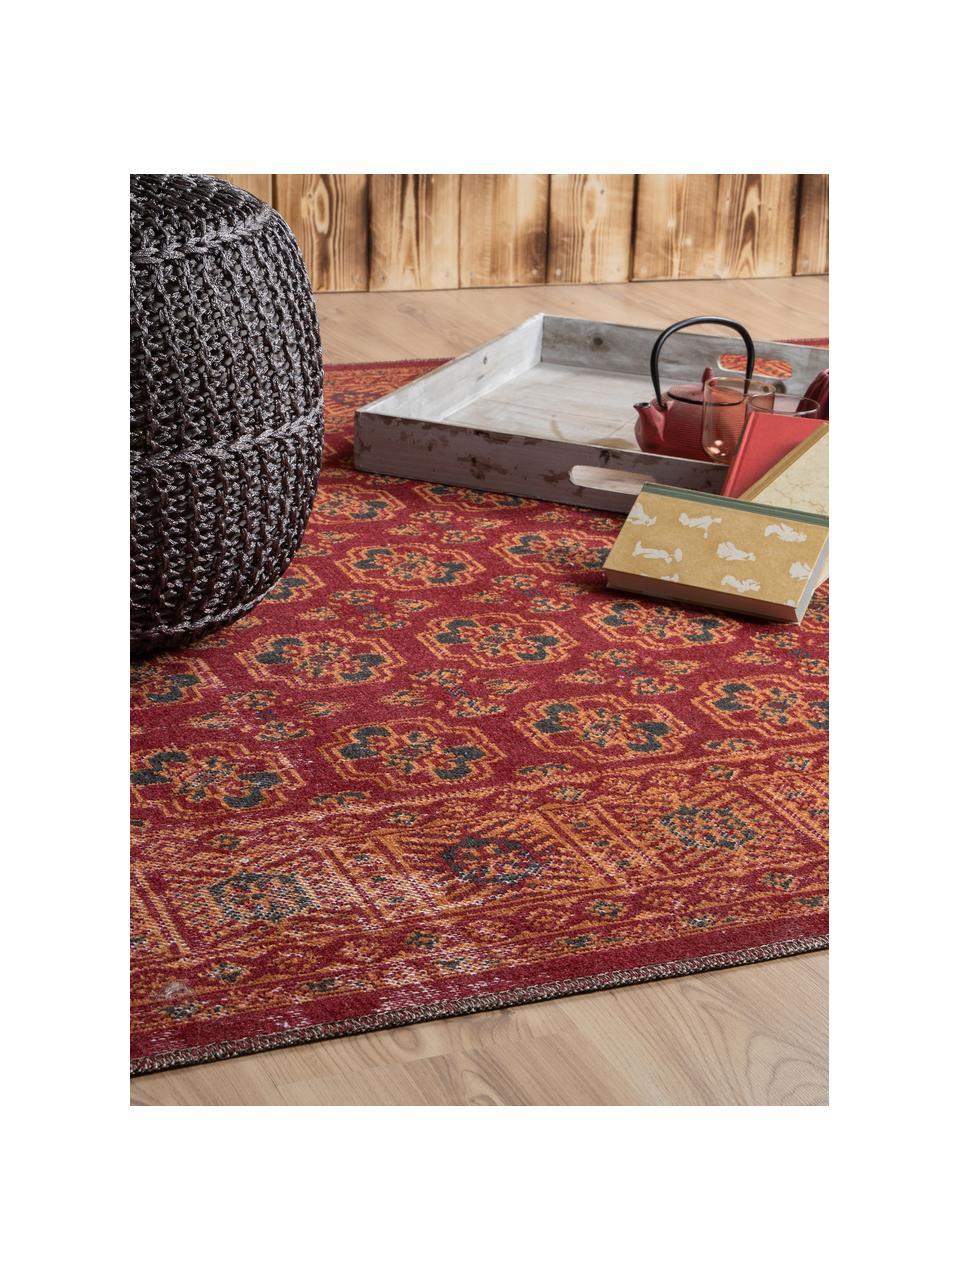 Dywan wewnętrzny/zewnętrzny w stylu orient Tilas, 100% polipropylen, Czerwony, pomarańczowy, antracytowy, S 80 x D 150 cm (Rozmiar XS)